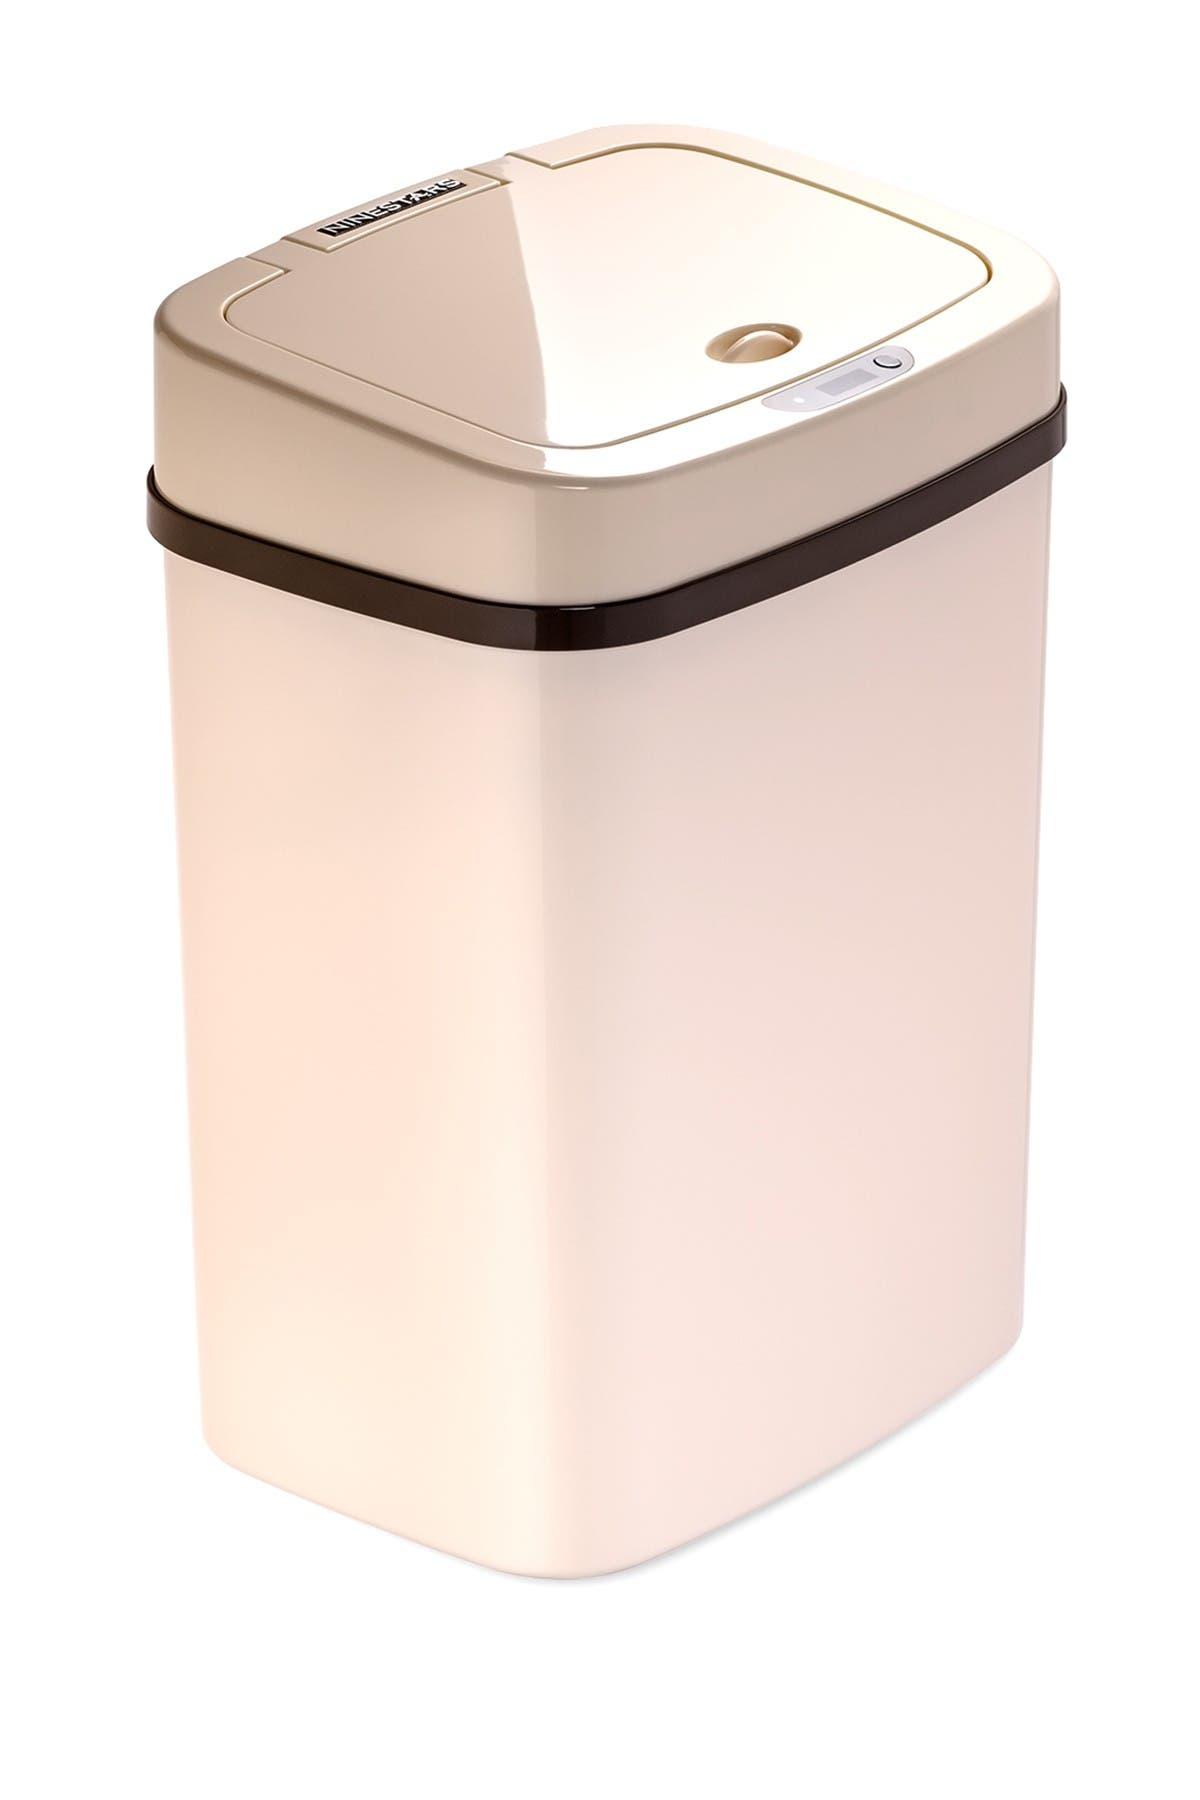 Image of NINESTARS Motion Sensor Trash Can - 12 liters